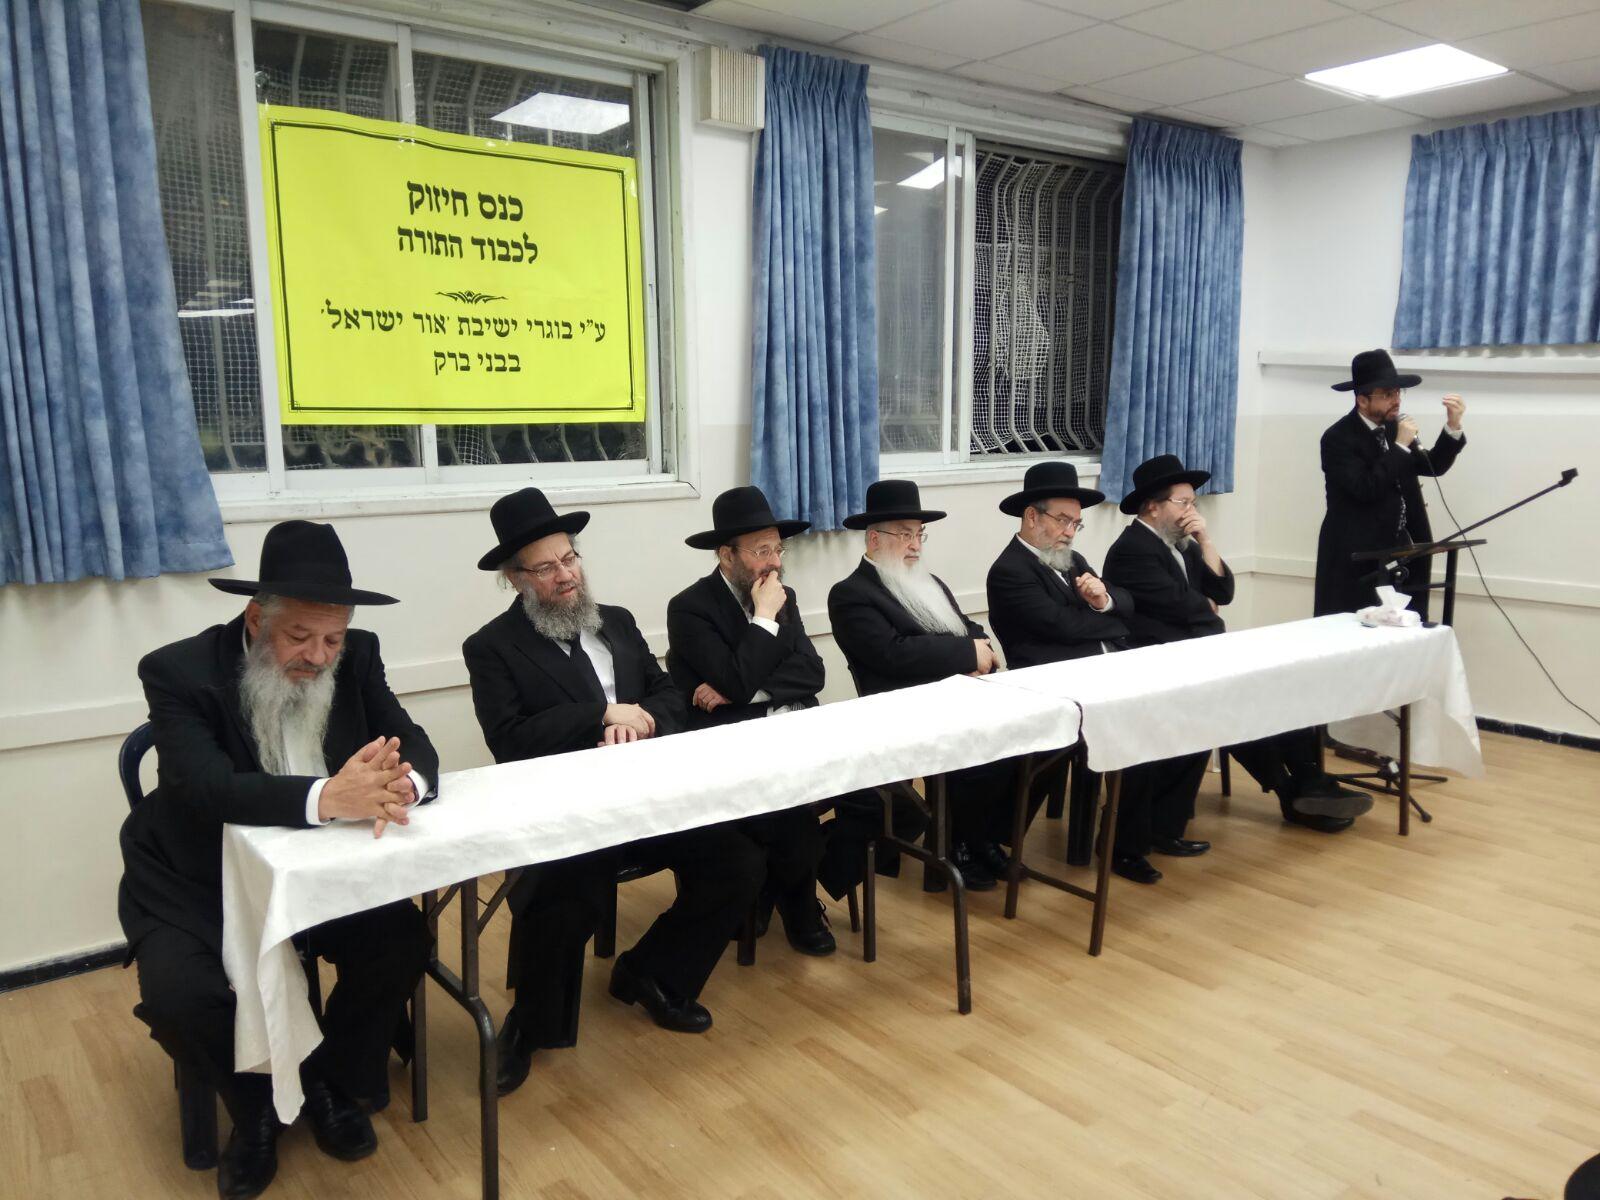 כבוד התורה: רבני ובוגרי אור ישראל התאספו